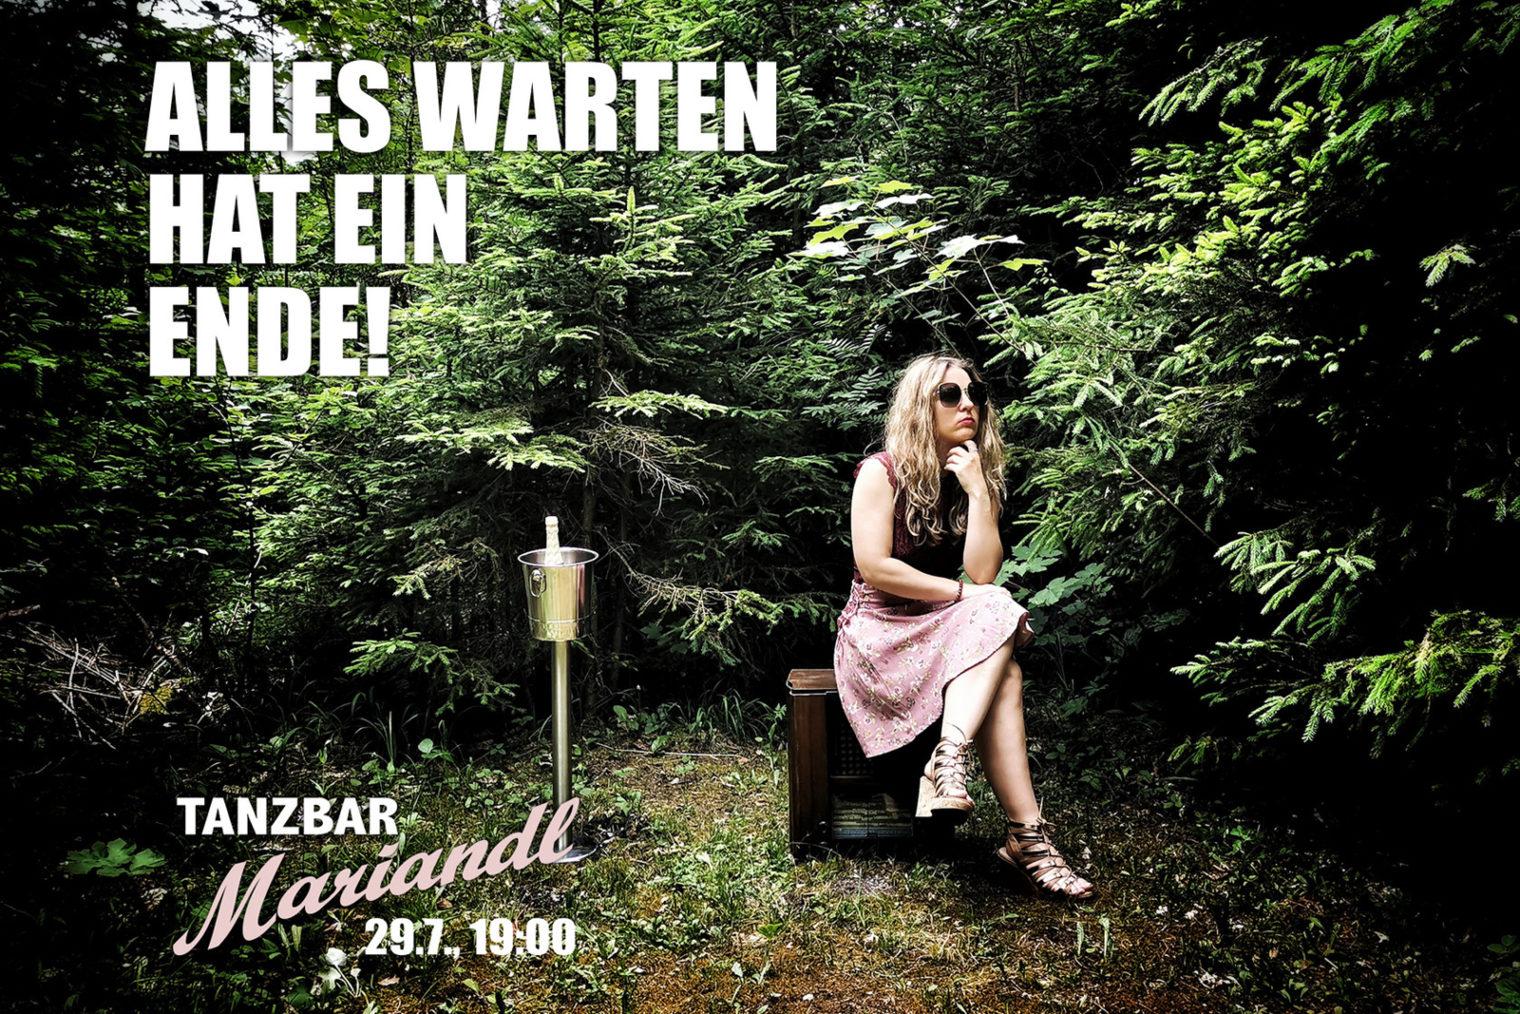 Plakat von Tanzbar Mariandl